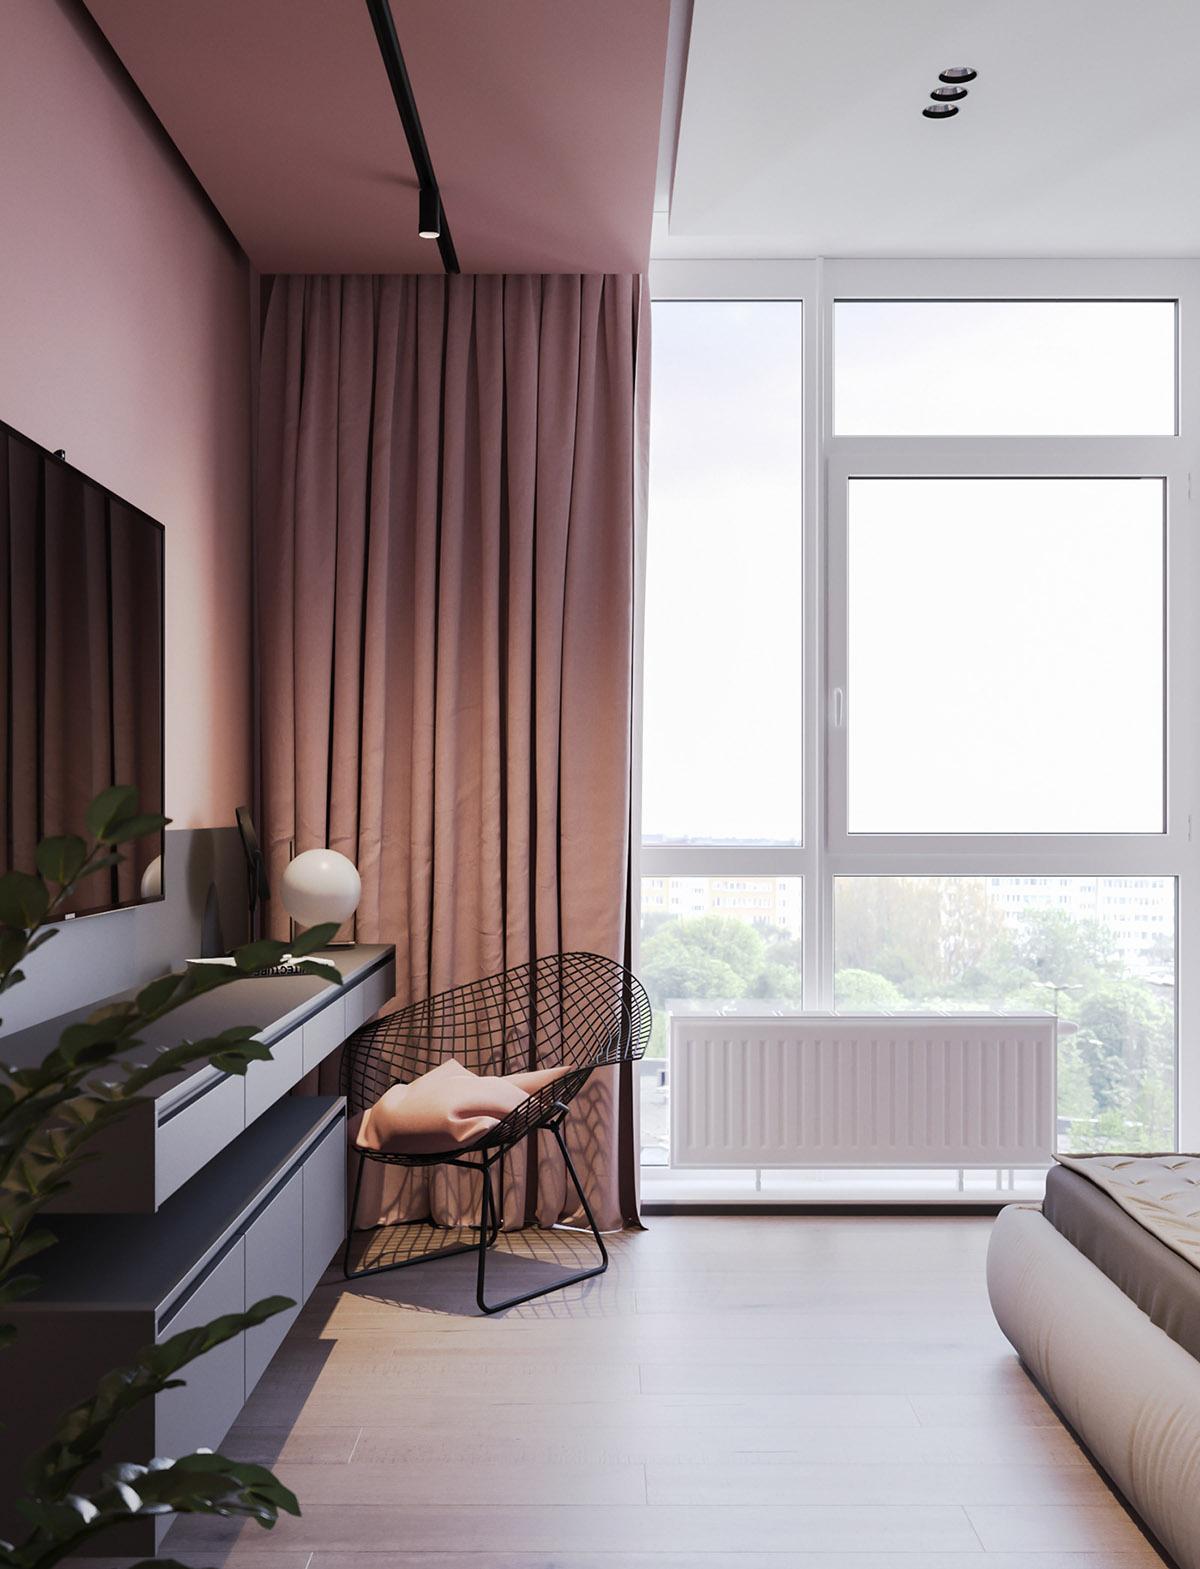 Một số thiết kế nội thất sử dụng màu hồng và xám - Metal accent chair